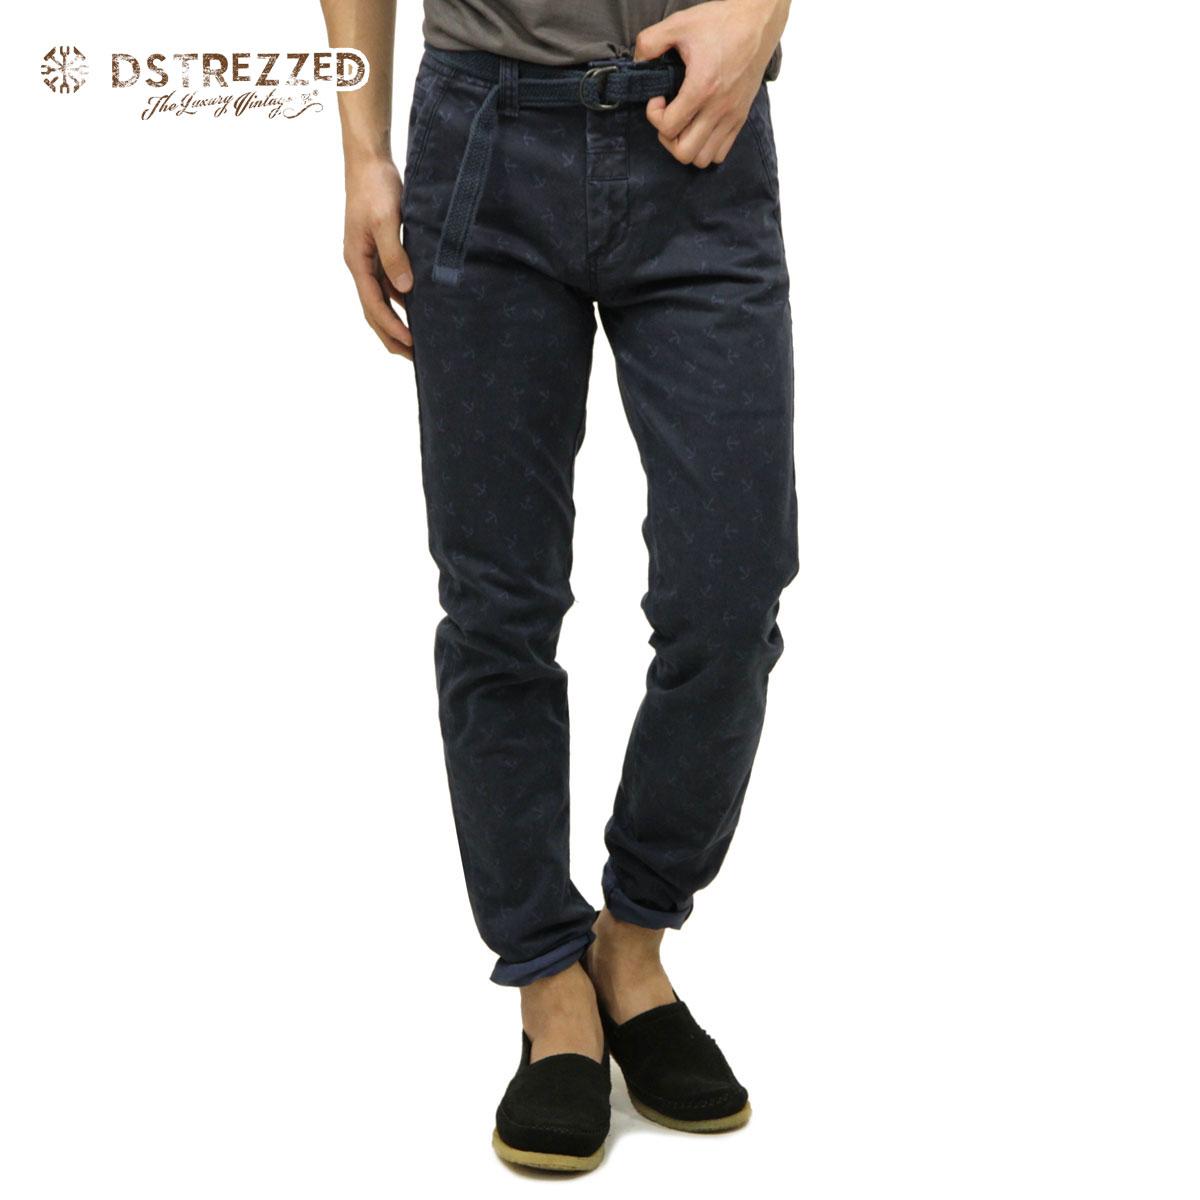 【販売期間 4/2 10:00~4/8 09:59】 ディストレス DSTREZZED 正規販売店 メンズ チノパン Chino Pant belt Sprinkle Anchor Str. Twill 501136 69 D15S25